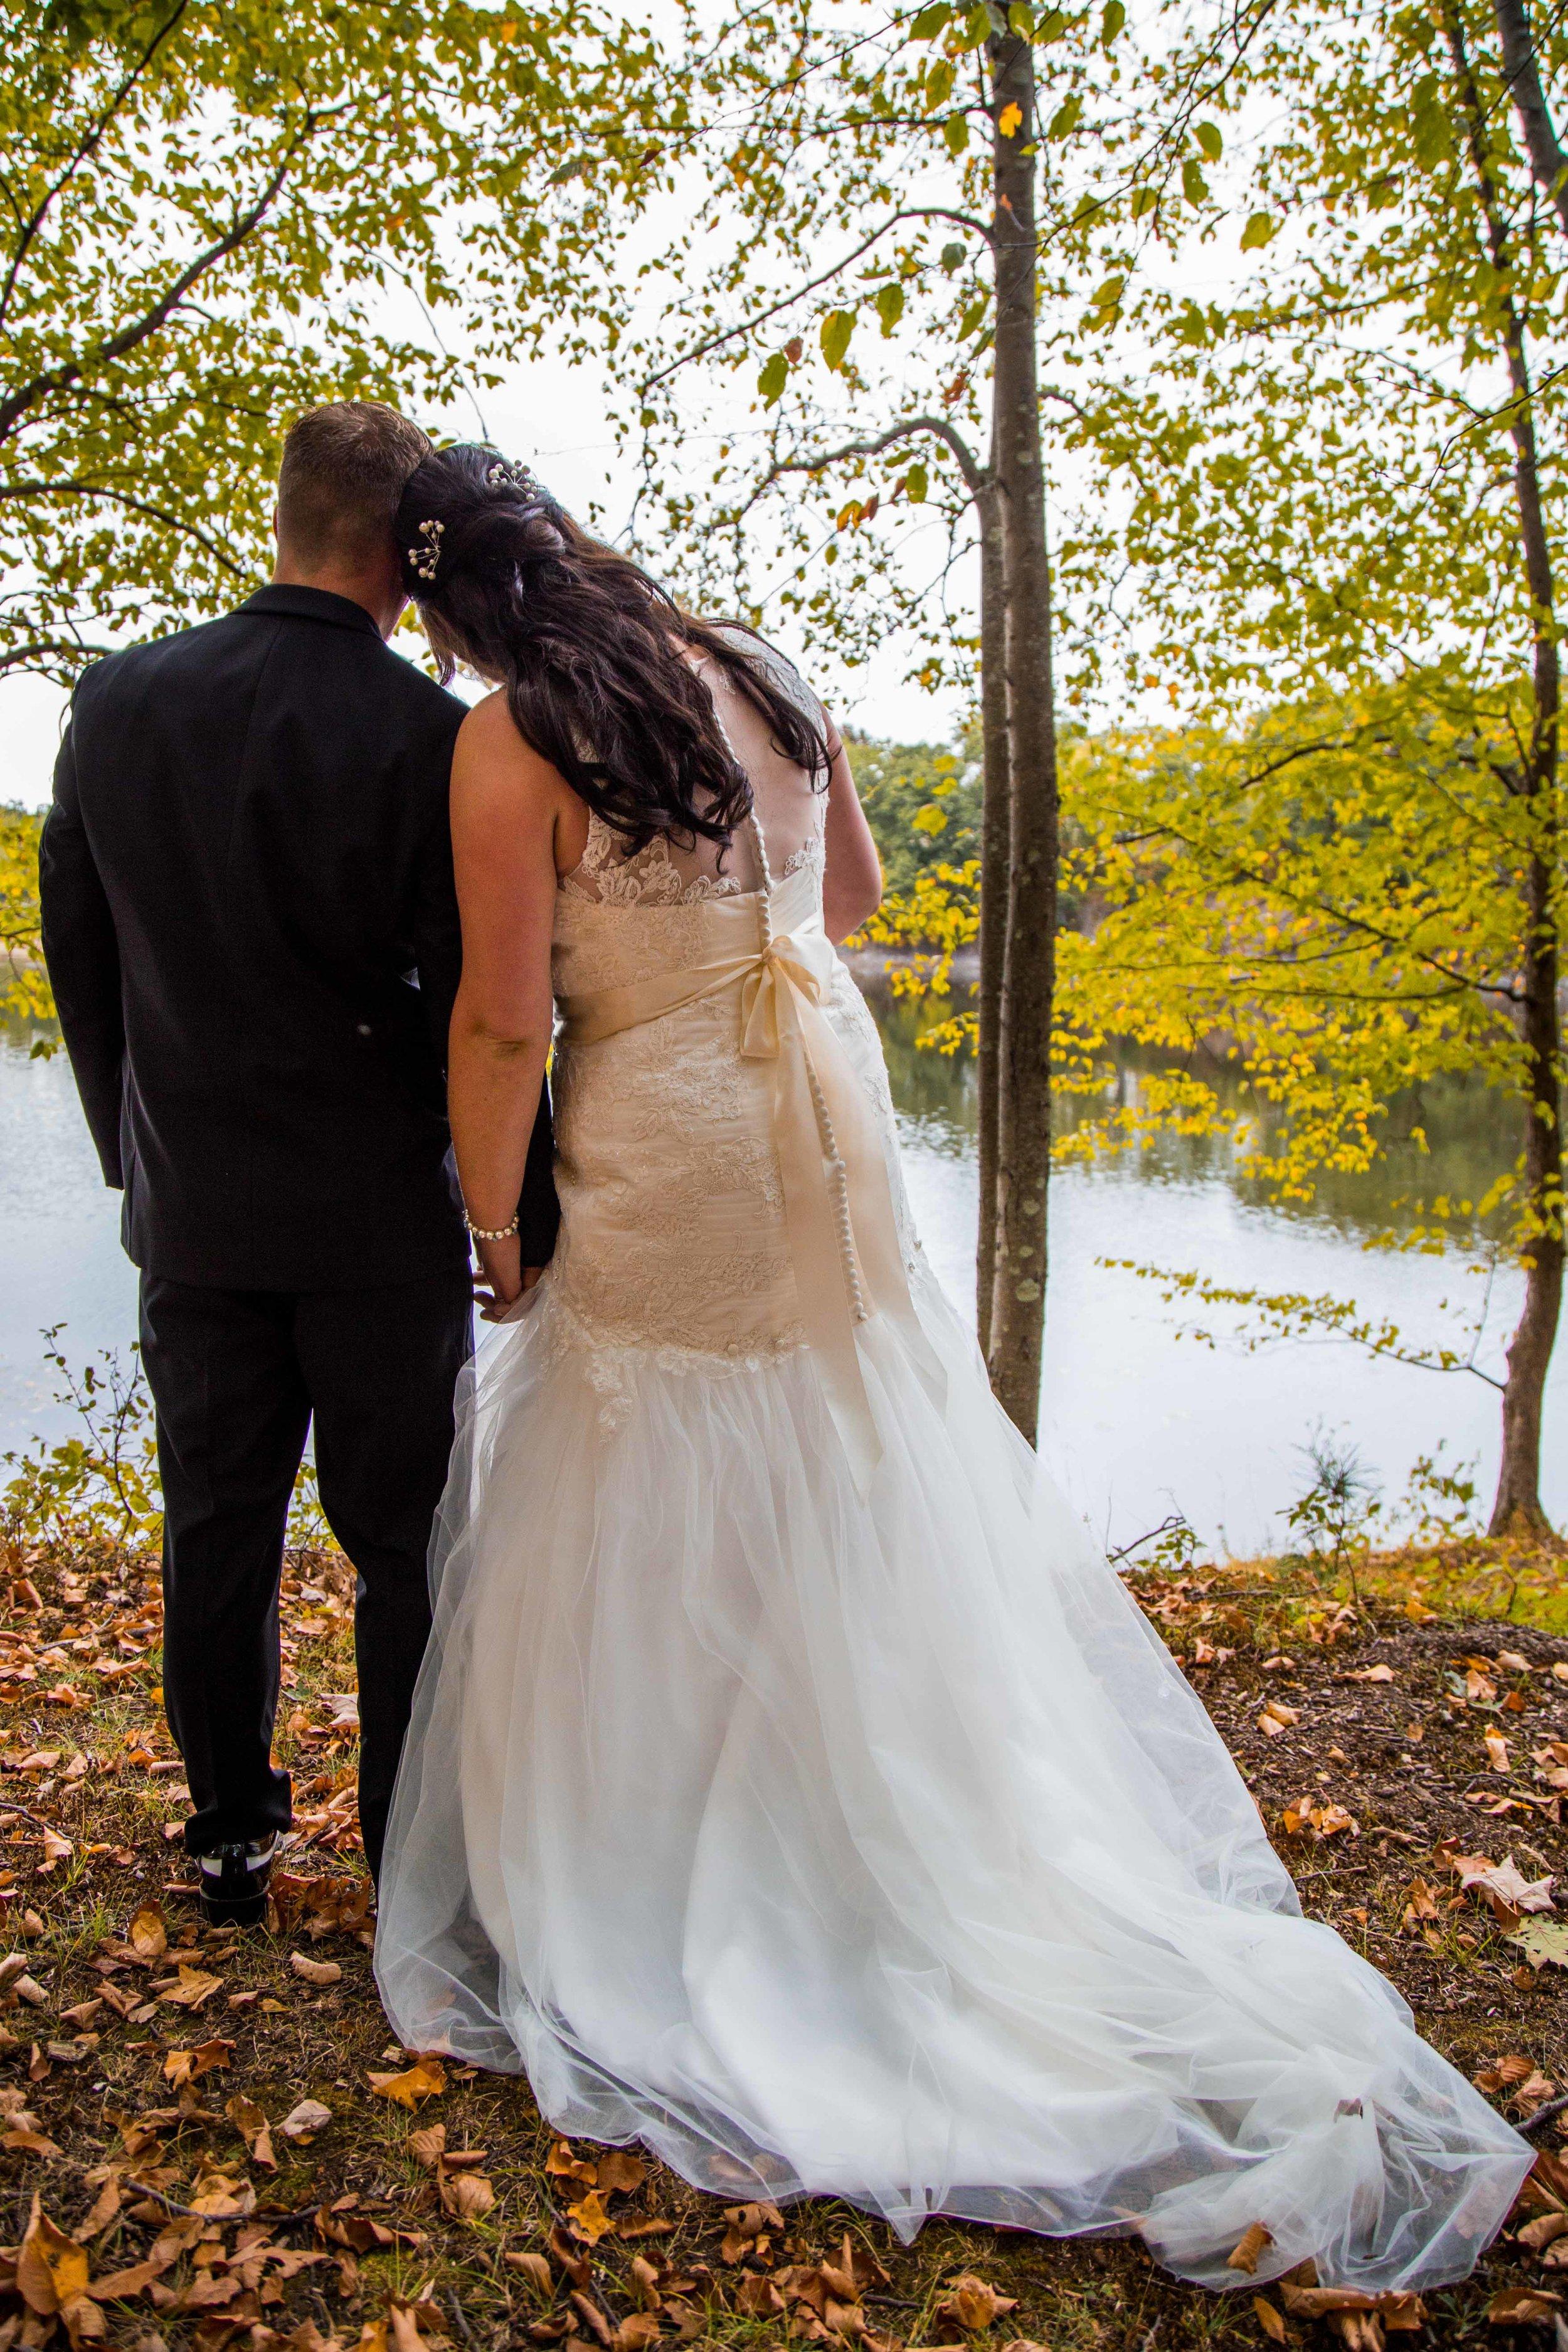 dudley_wedding-3316.jpg